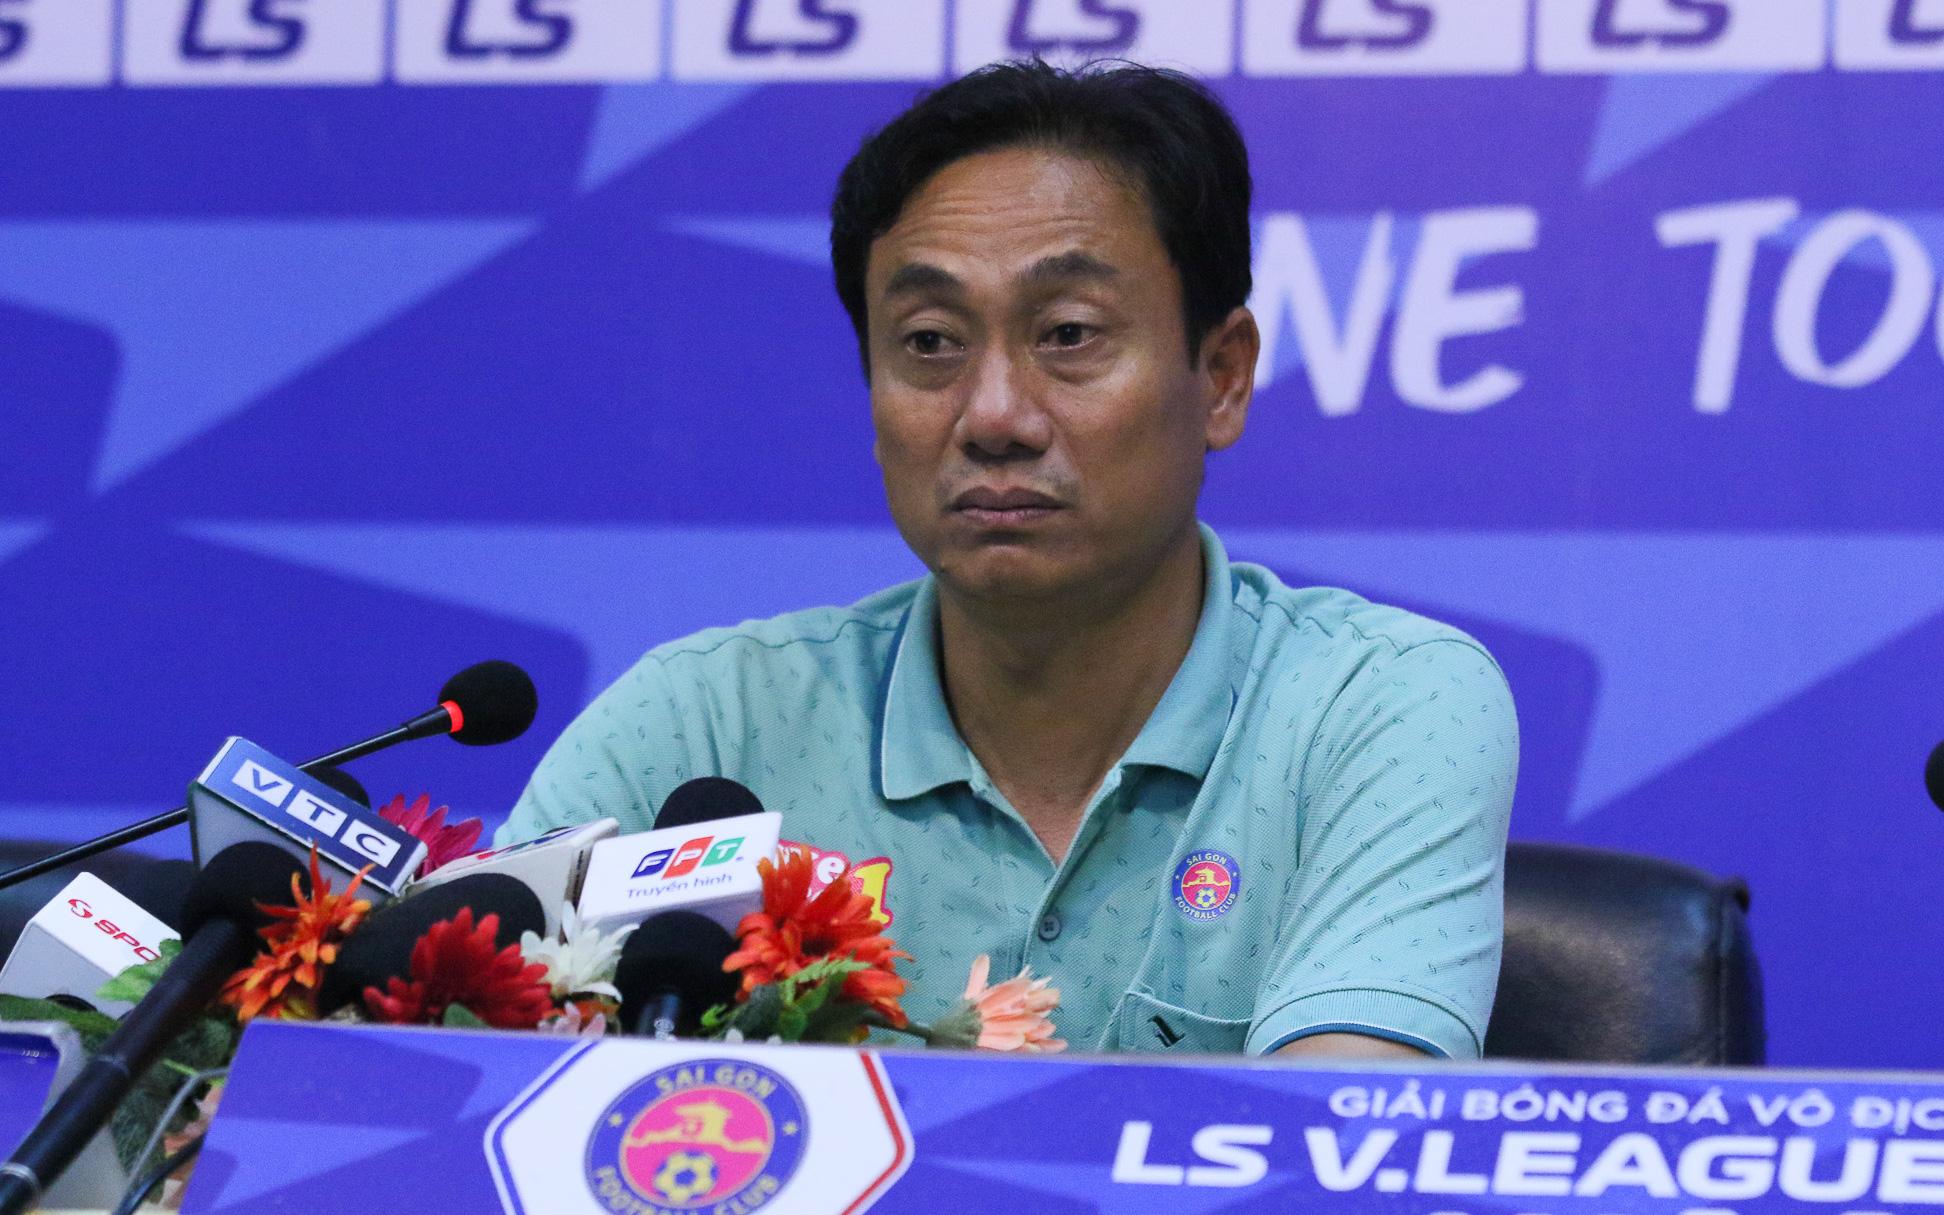 """HLV Phùng Thanh Phương: """"Tôi ước tìm được cầu thủ phù hợp nhất với triết lý của tôi"""""""